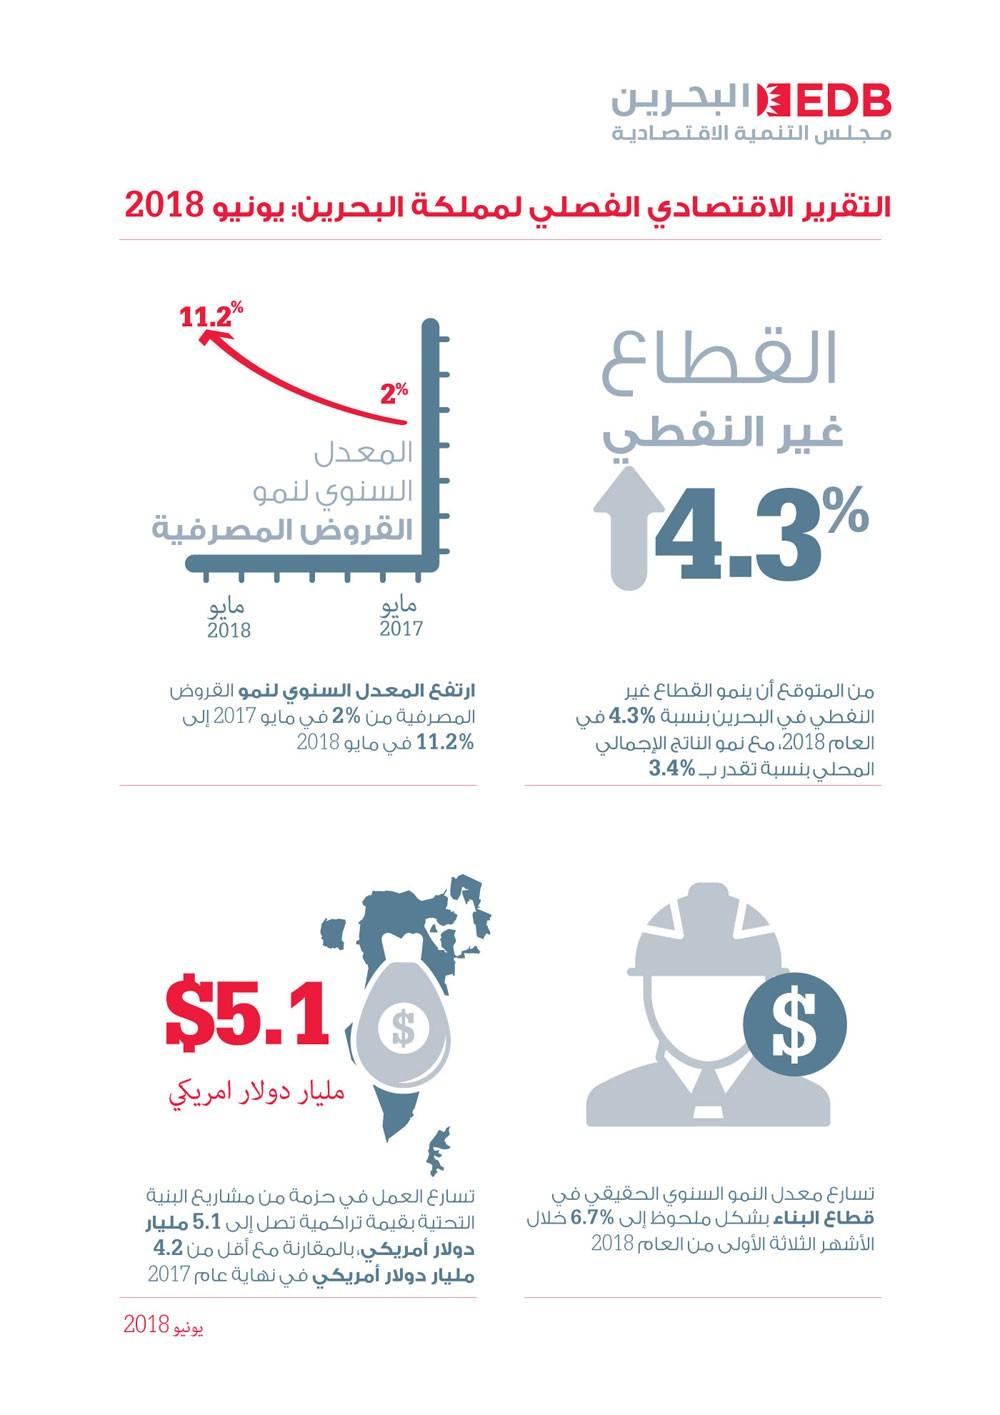 مشاريع البنية التحتية تدفع نمو القطاع غير النفطي في 2018